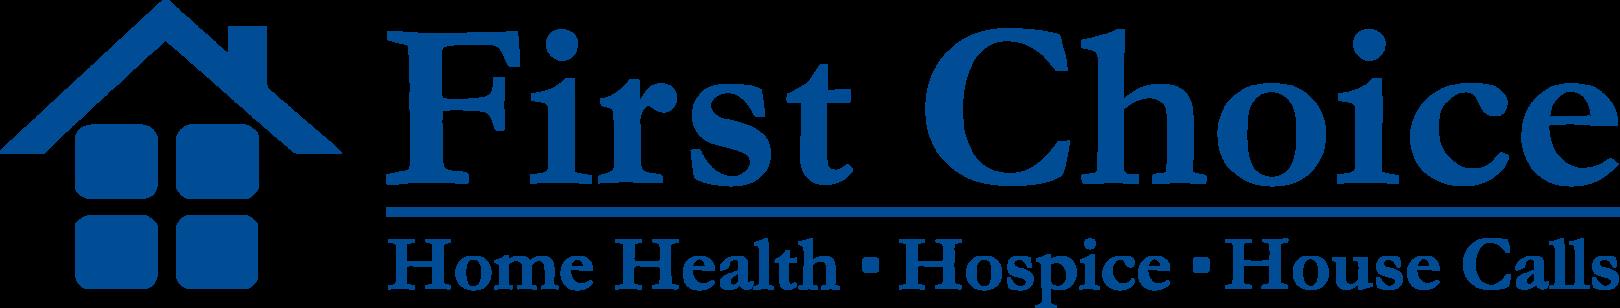 Meet Our Team - First Choice Boise